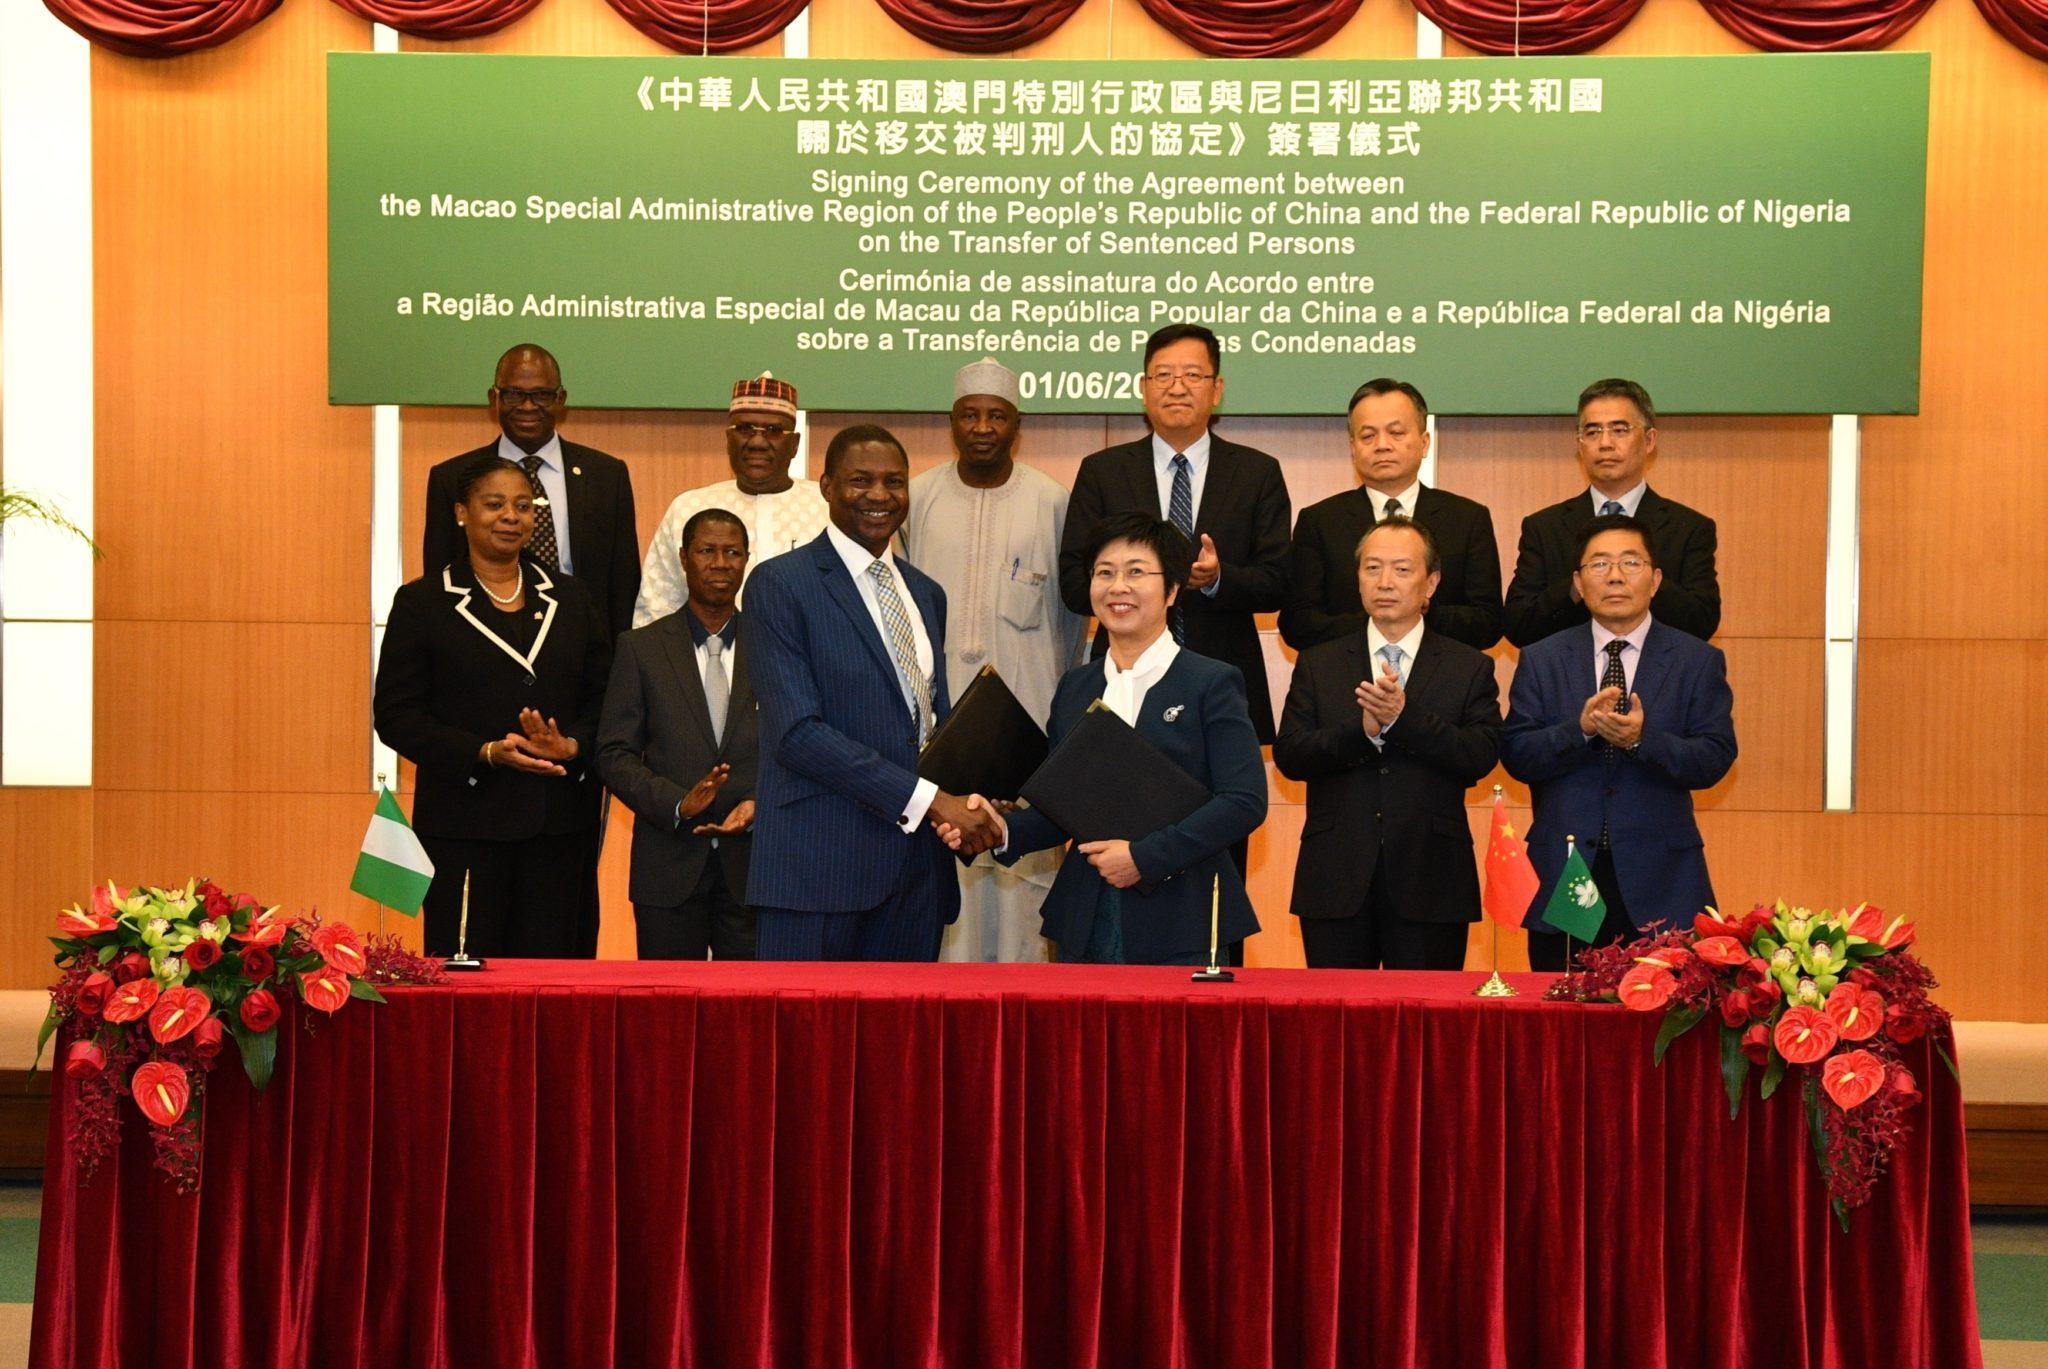 Justiça   Celebrado acordo sobre transferência de presos com Nigéria